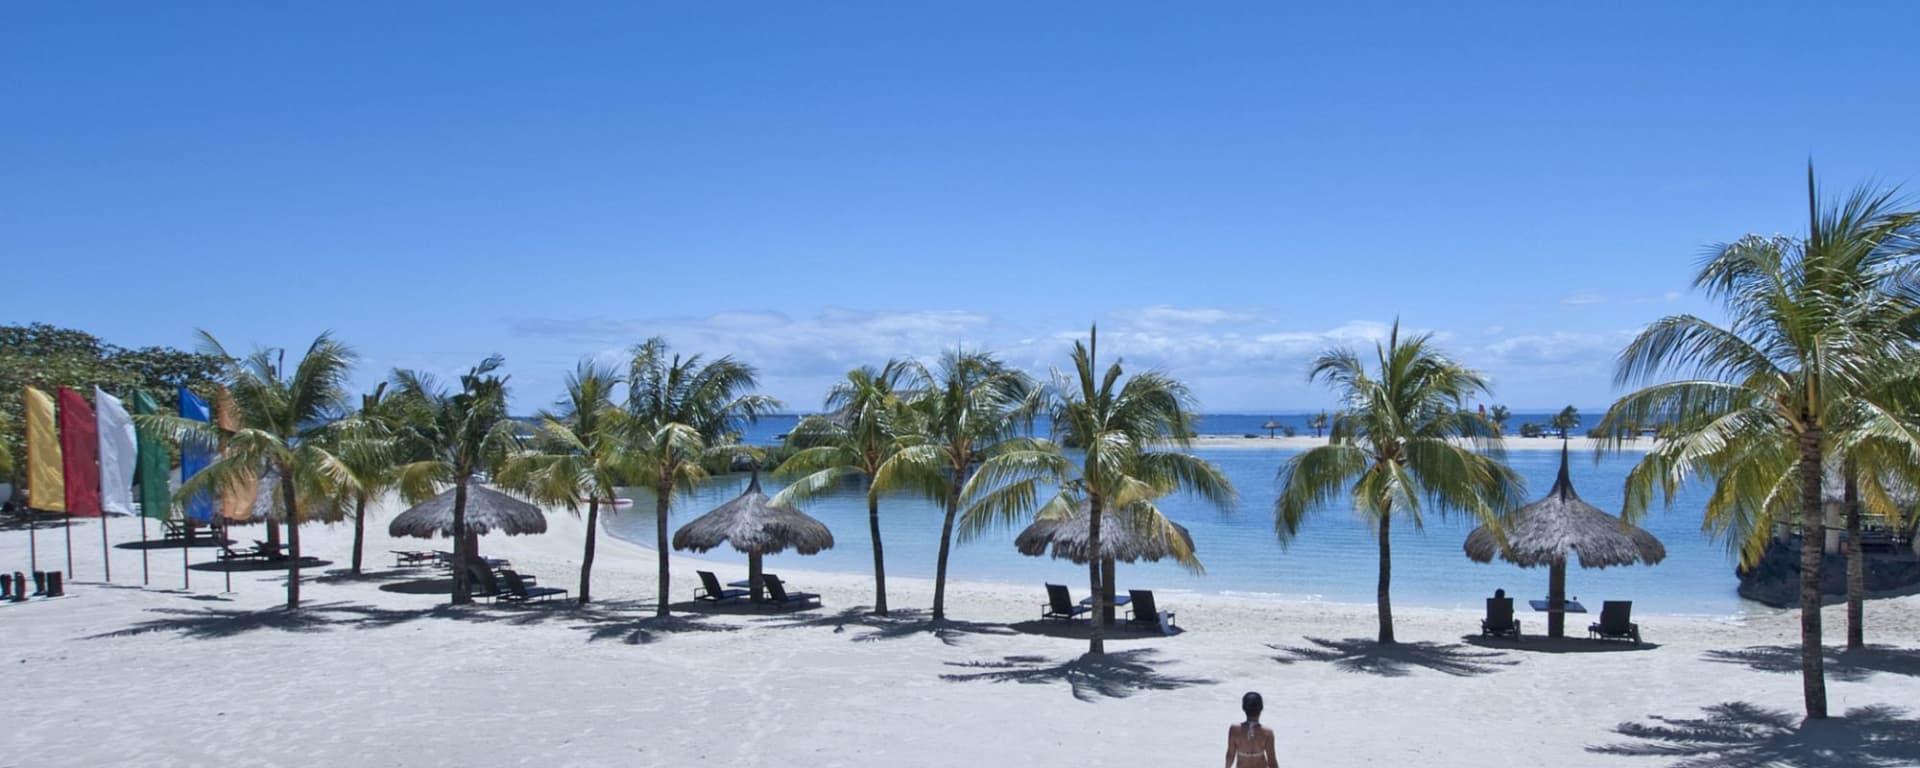 Bluewater Maribago Beach Resort à Cebu: Beachfront